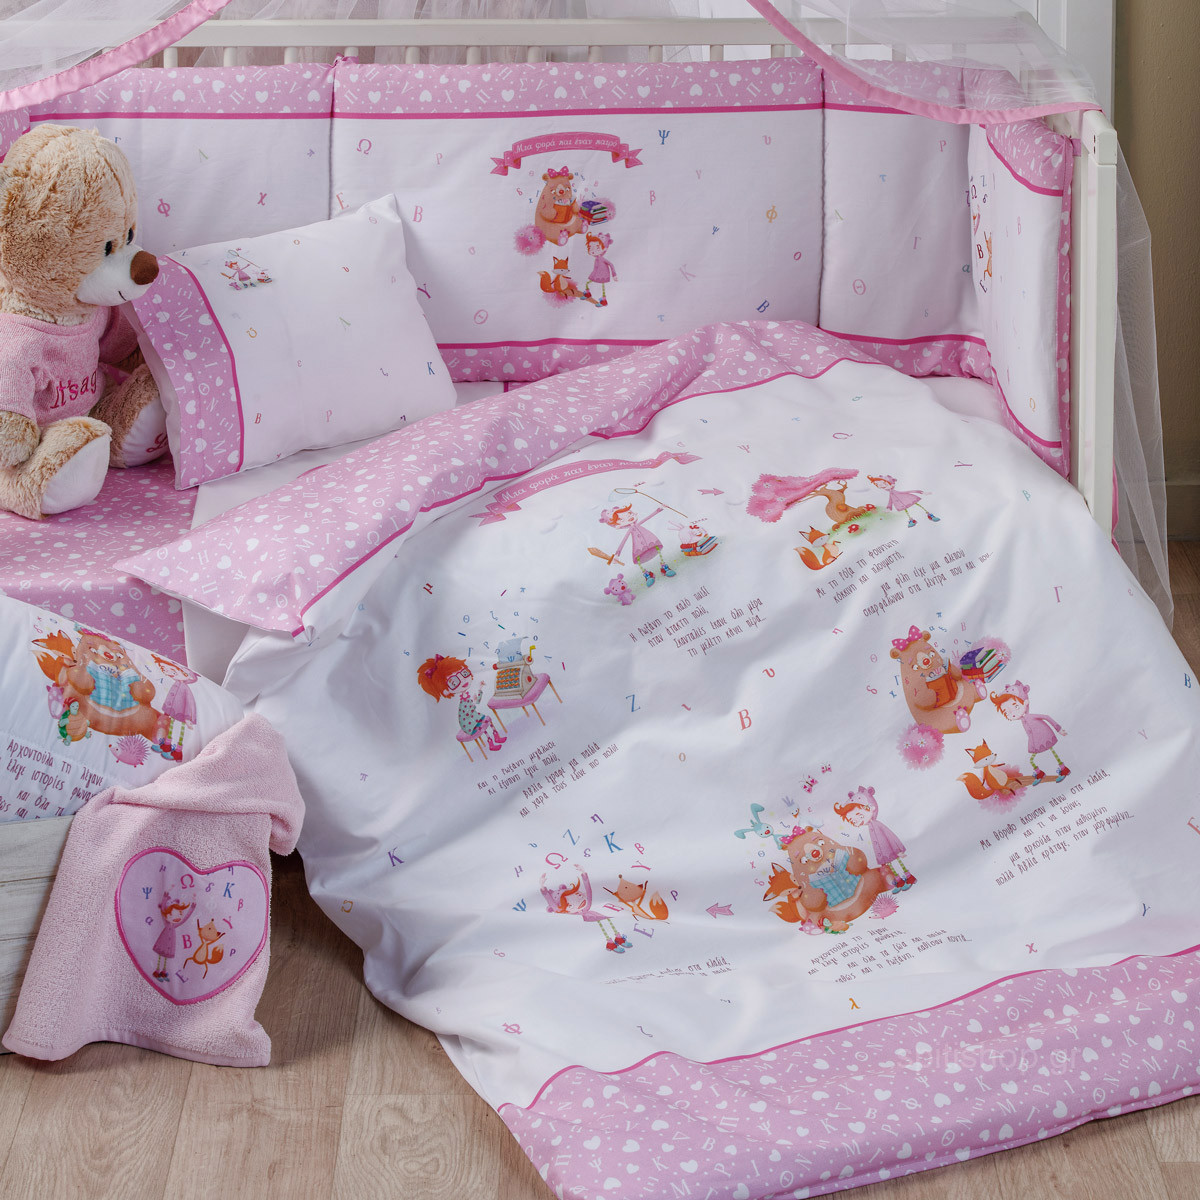 65eef0adf6c Παπλωματοθήκη Κούνιας (Σετ) Kentia Baby Roxane